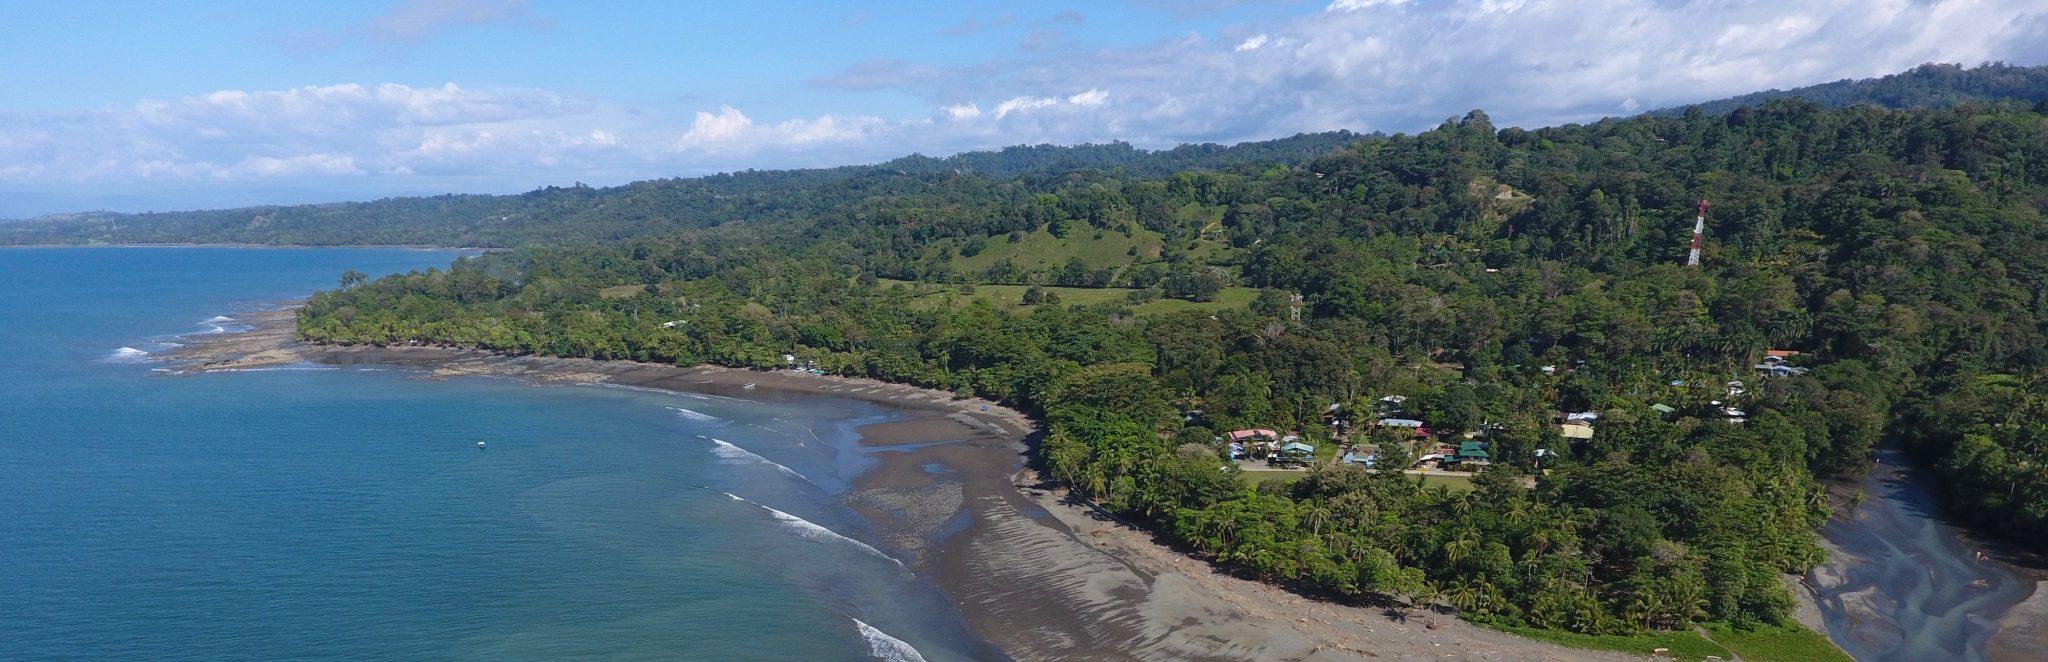 Pavones Costa Rica